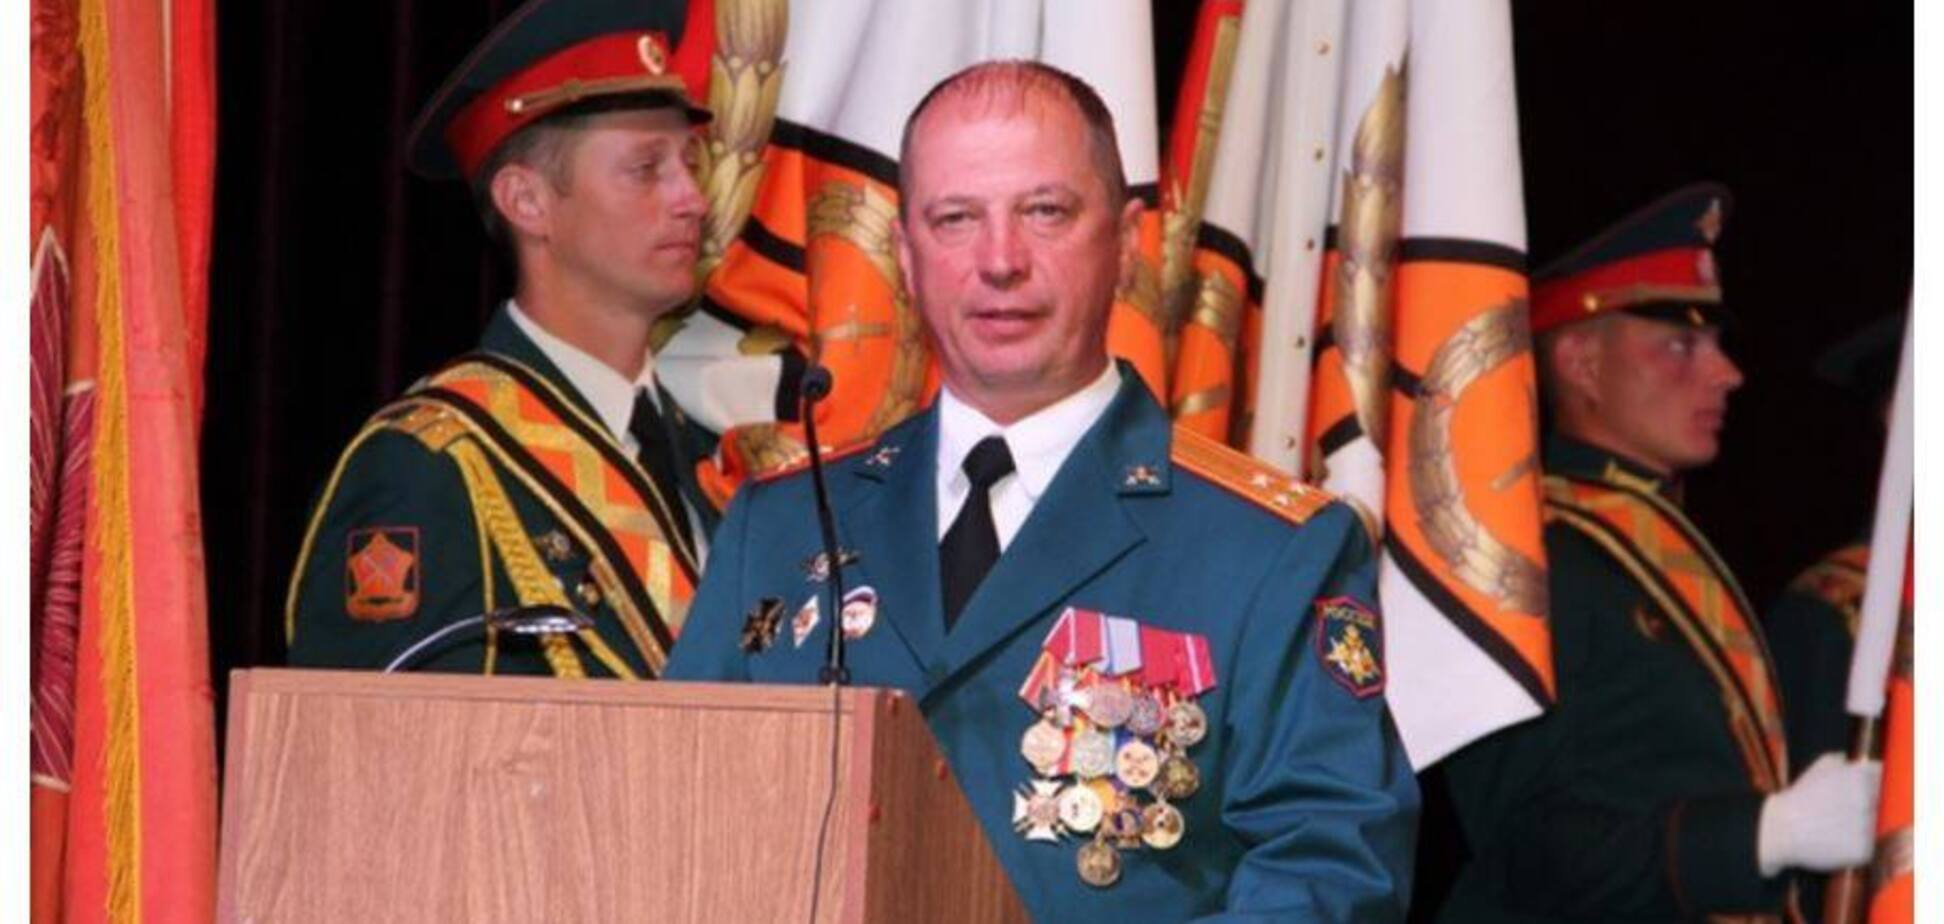 Осужденный полковник стал командиром в российской армии